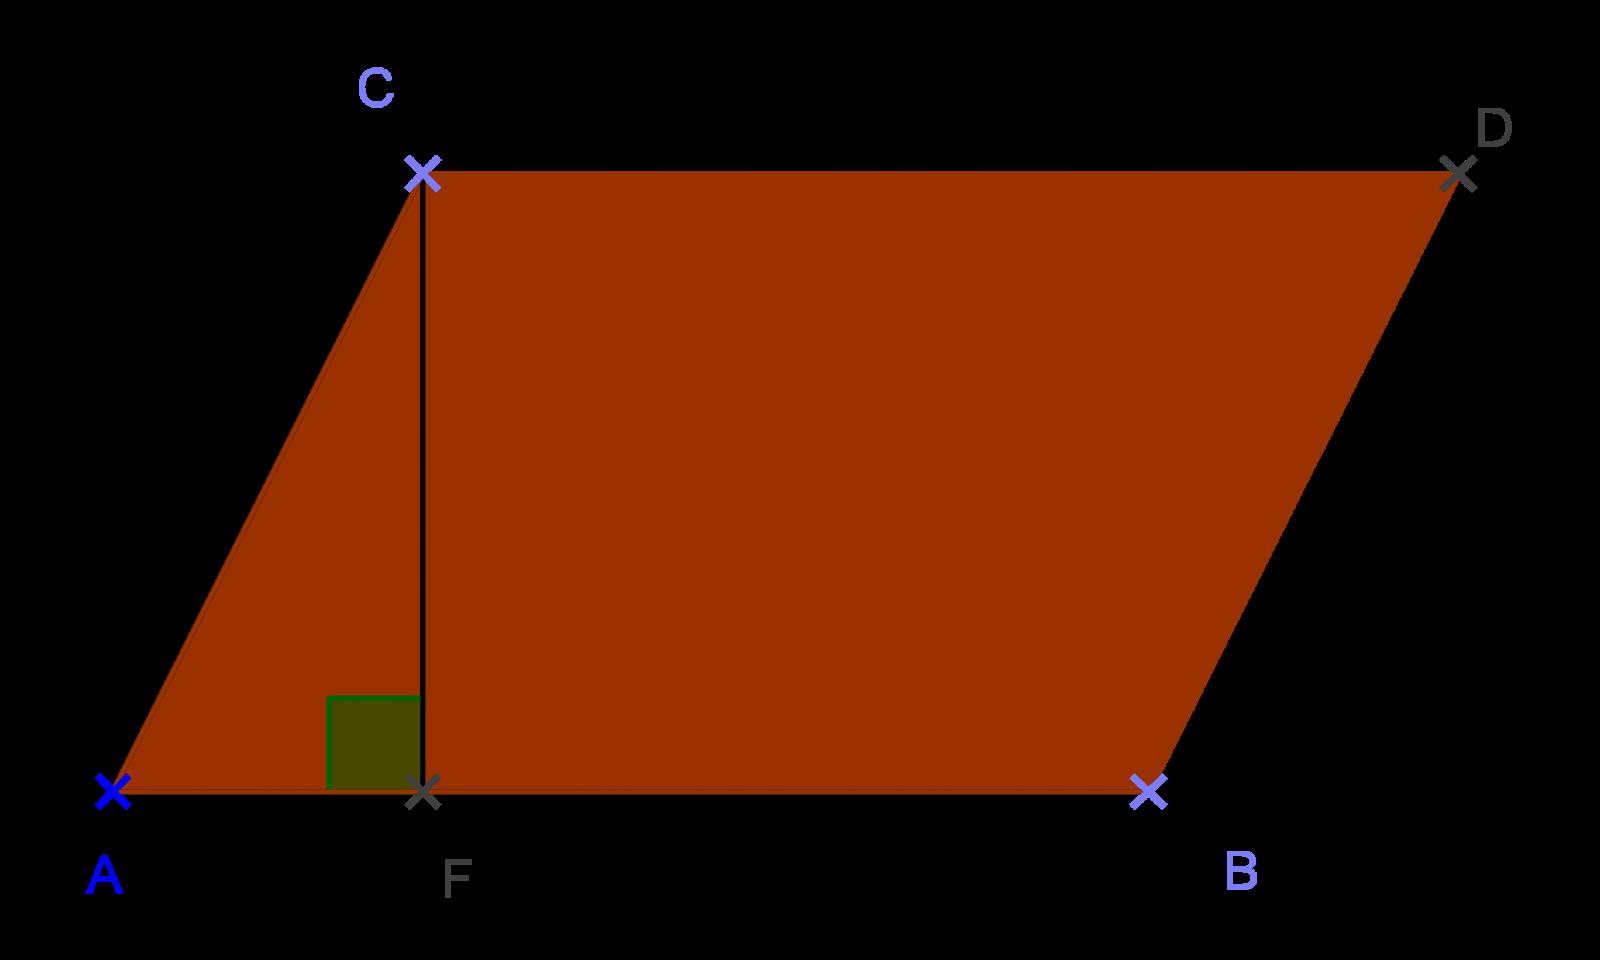 Theoreme De Pythagore Serie 5 Exercices En 4eme Corriges En Pdf Theoreme Pythagore Theoreme De Thales Exercice